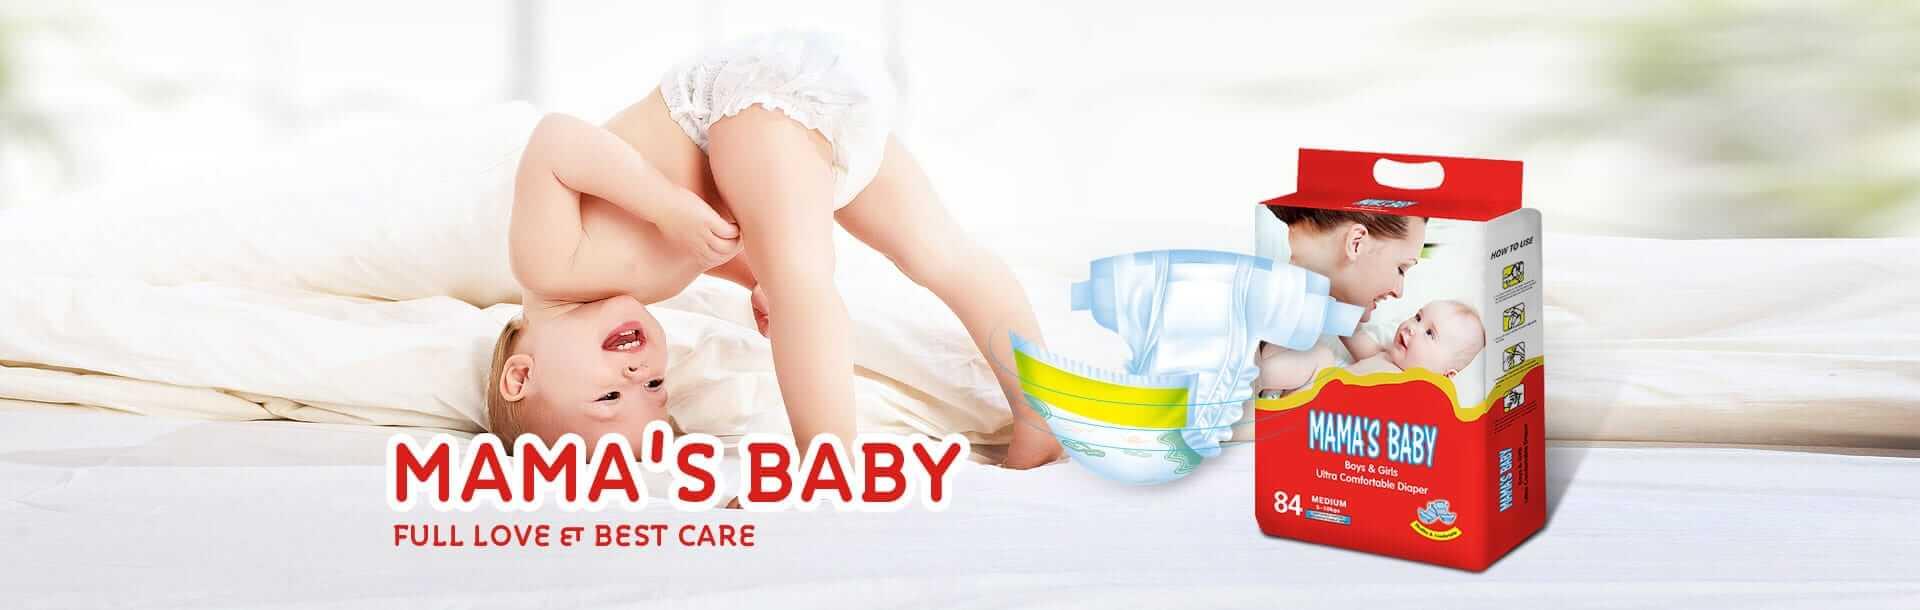 Mama'S Baby Diaper